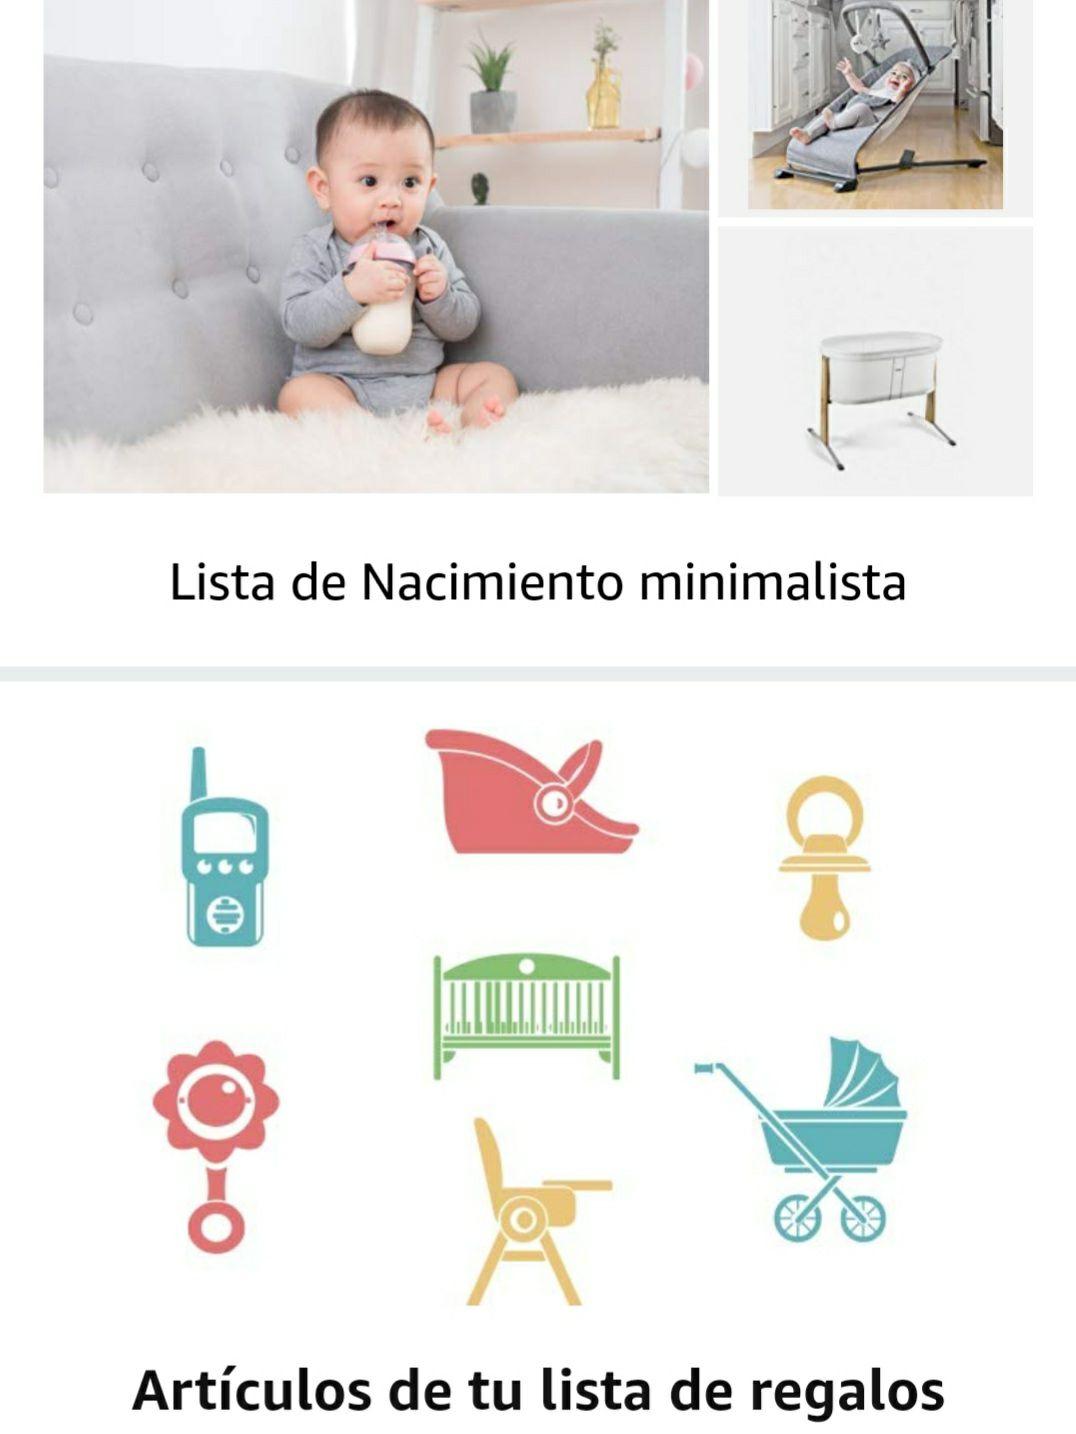 -15% Dto en Artículos de Bebe (Amazon)